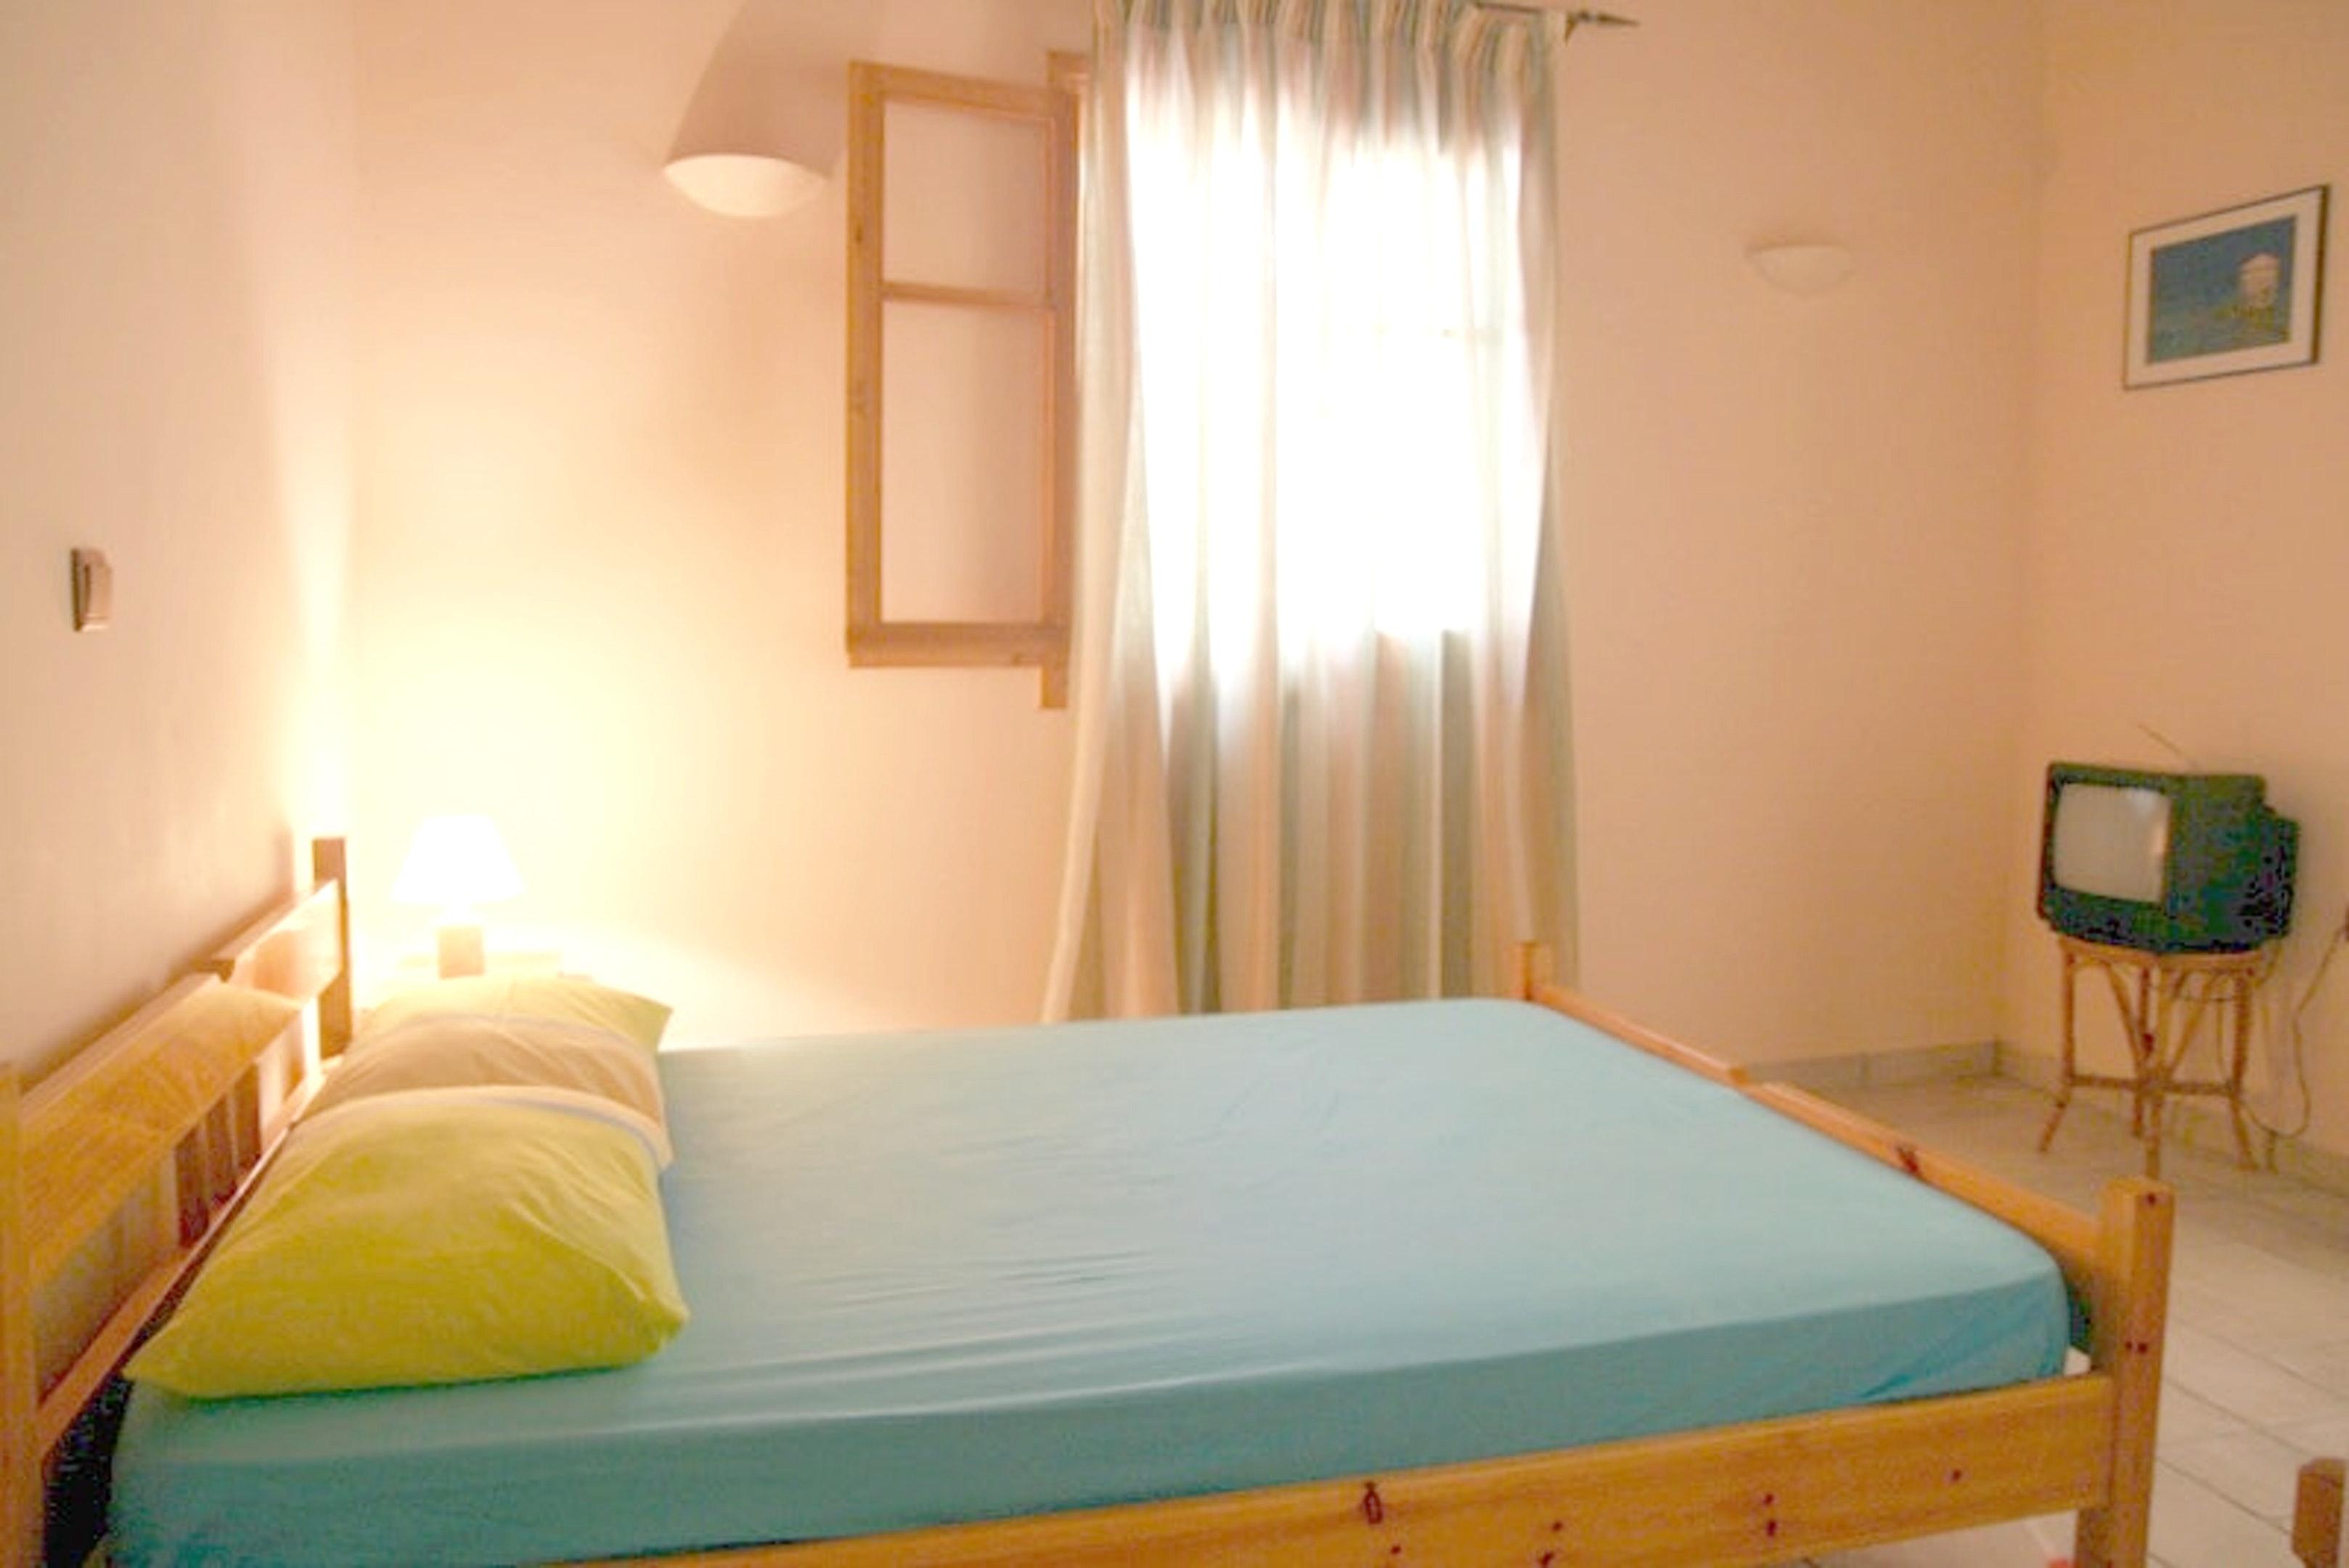 Maison de vacances Haus mit 2 Schlafzimmern in Corfou mit toller Aussicht auf die Berge (2202447), Moraitika, Corfou, Iles Ioniennes, Grèce, image 10